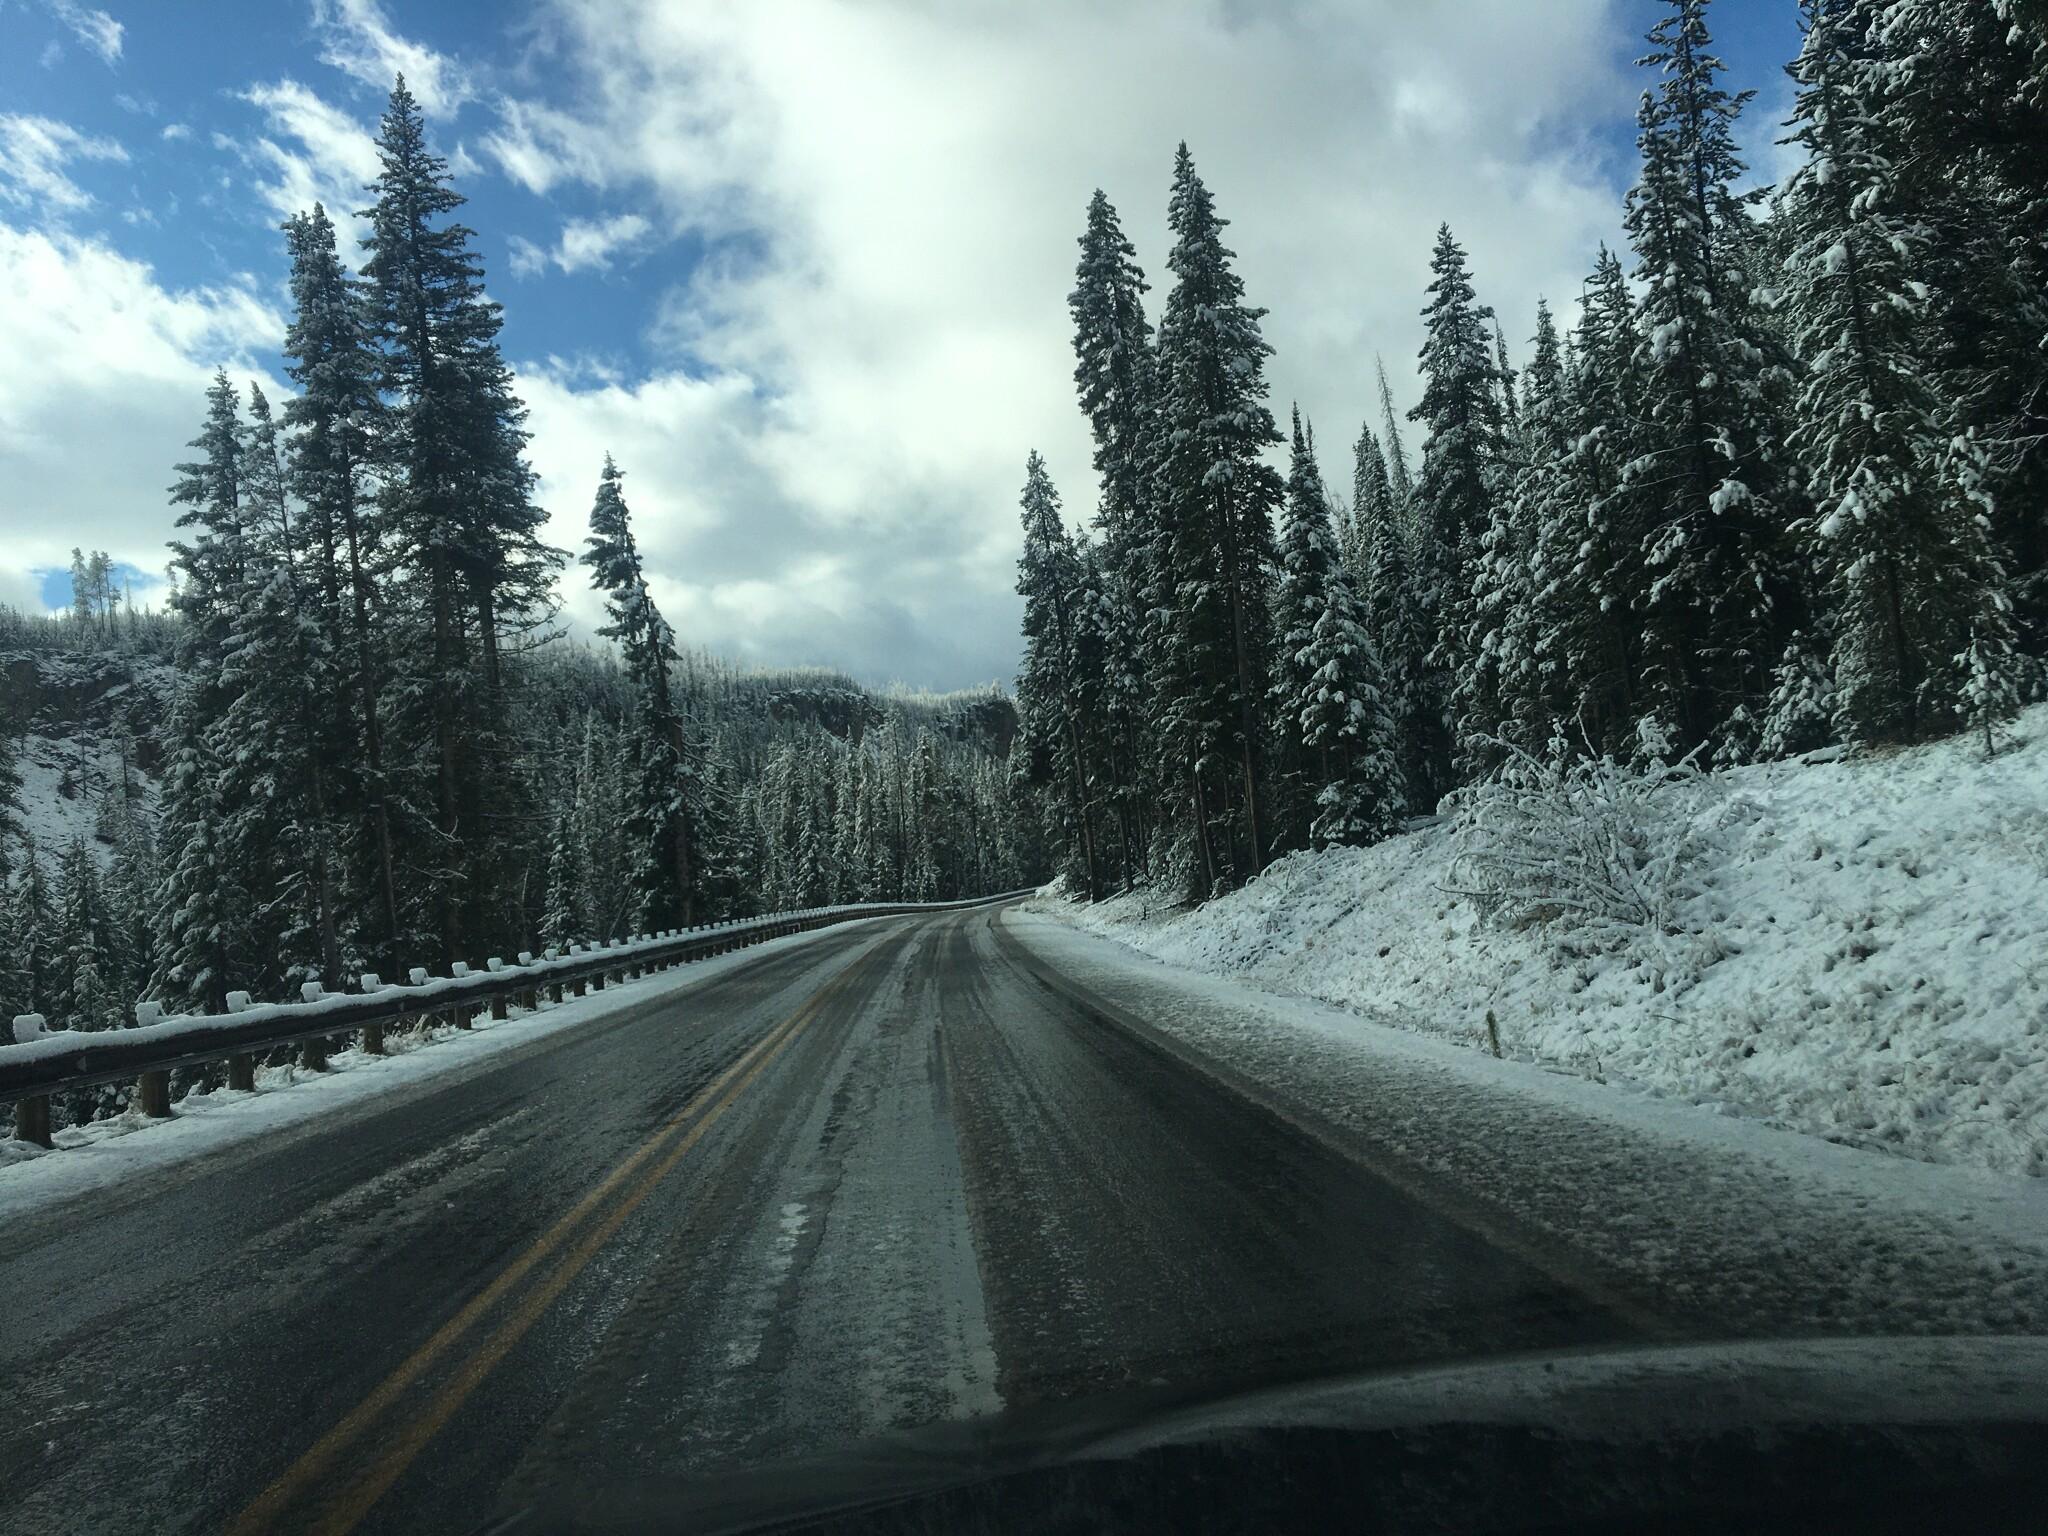 Slushy road!